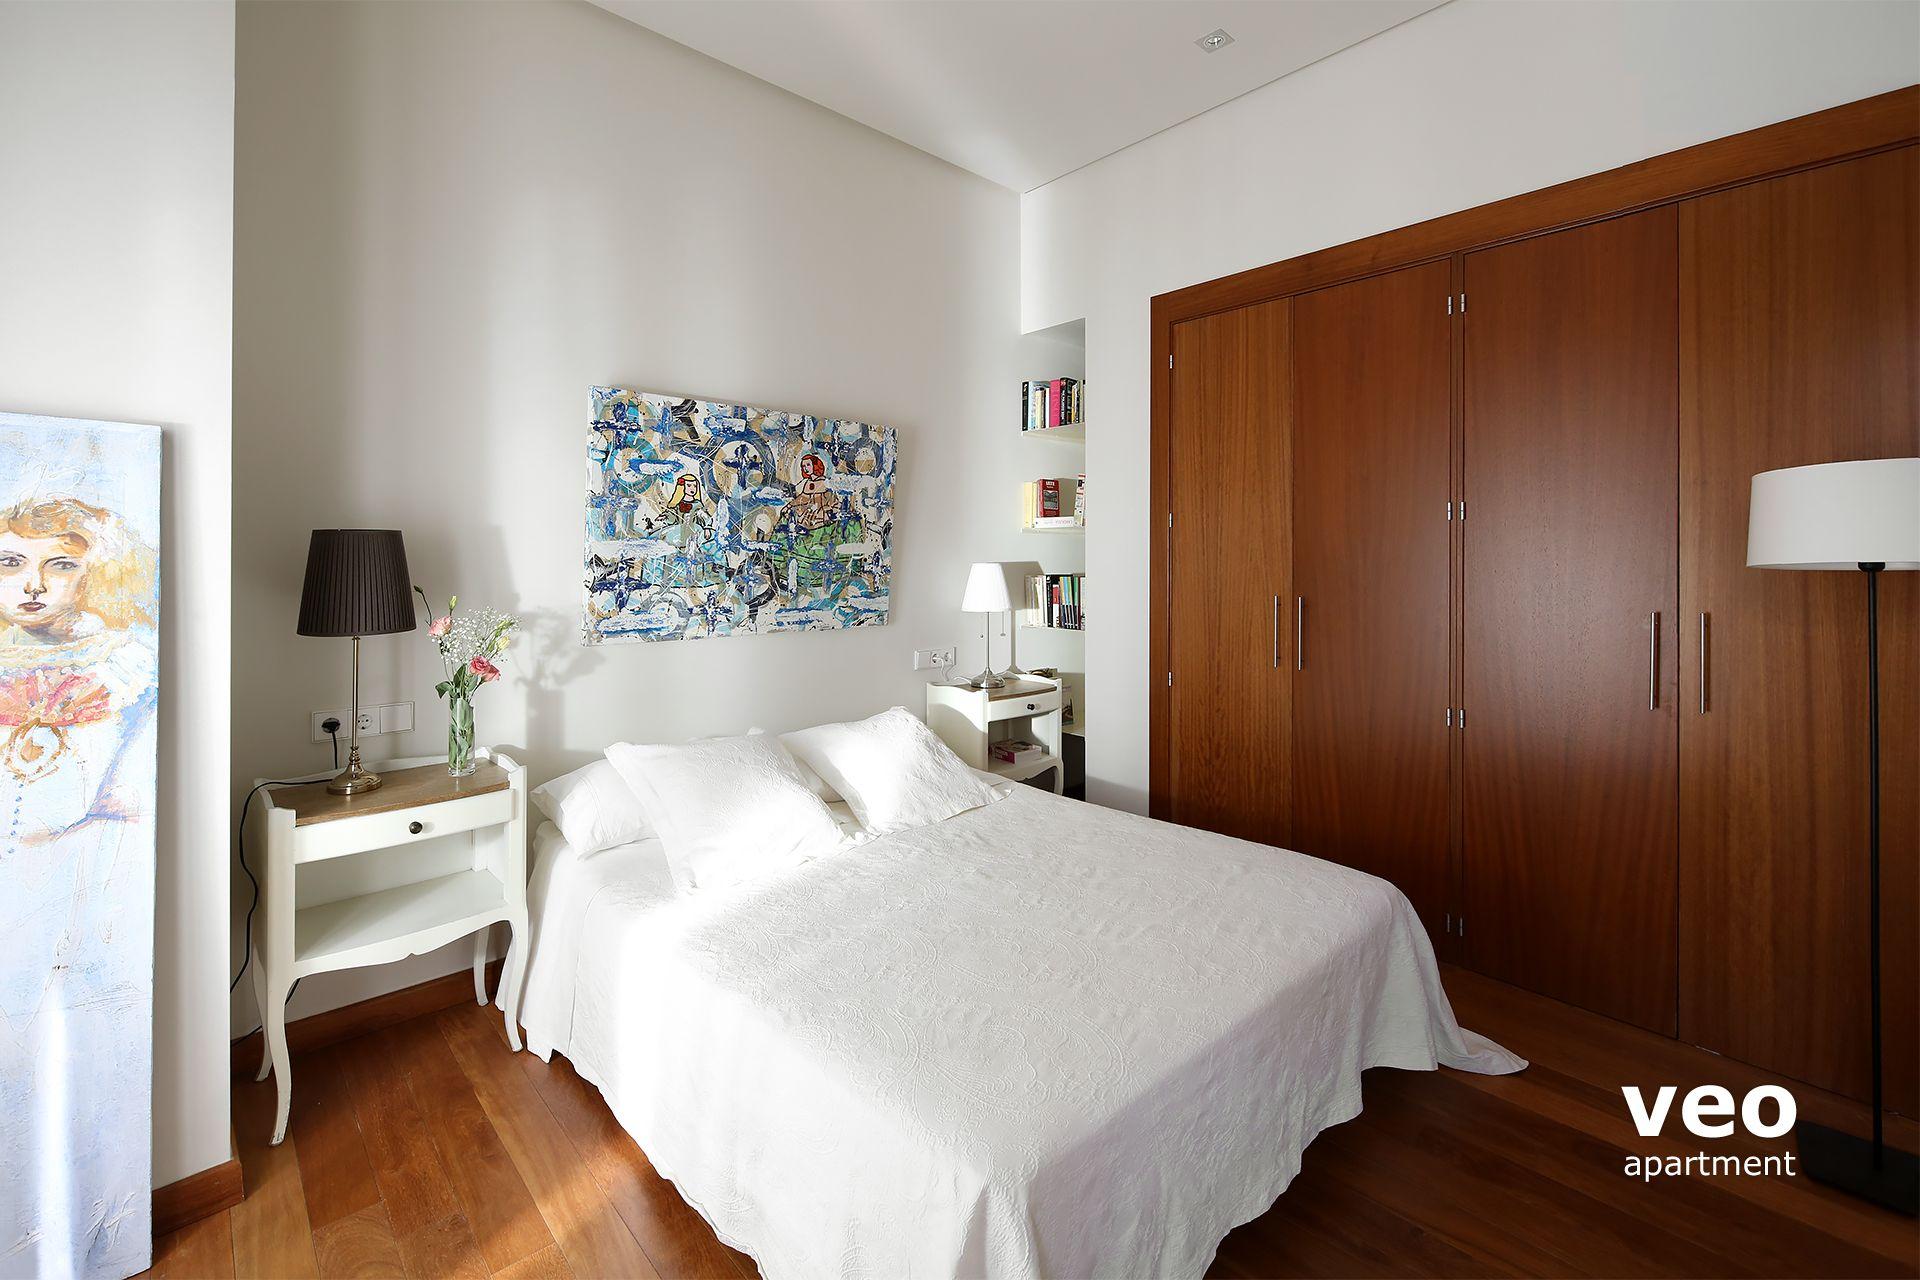 Apartment Mieten Corral Del Rey Strasse Sevilla Spanien Corral Rey Terrasse 5 Ferienwohnung In Sevilla